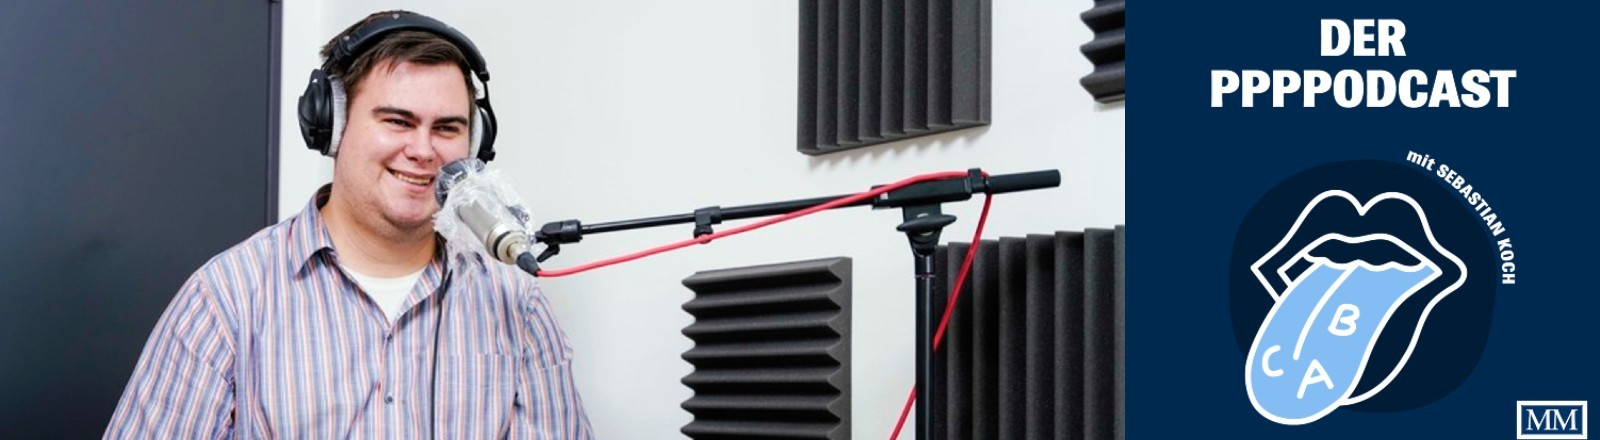 Sebastian Koch sitzt im Aufnahmestudio